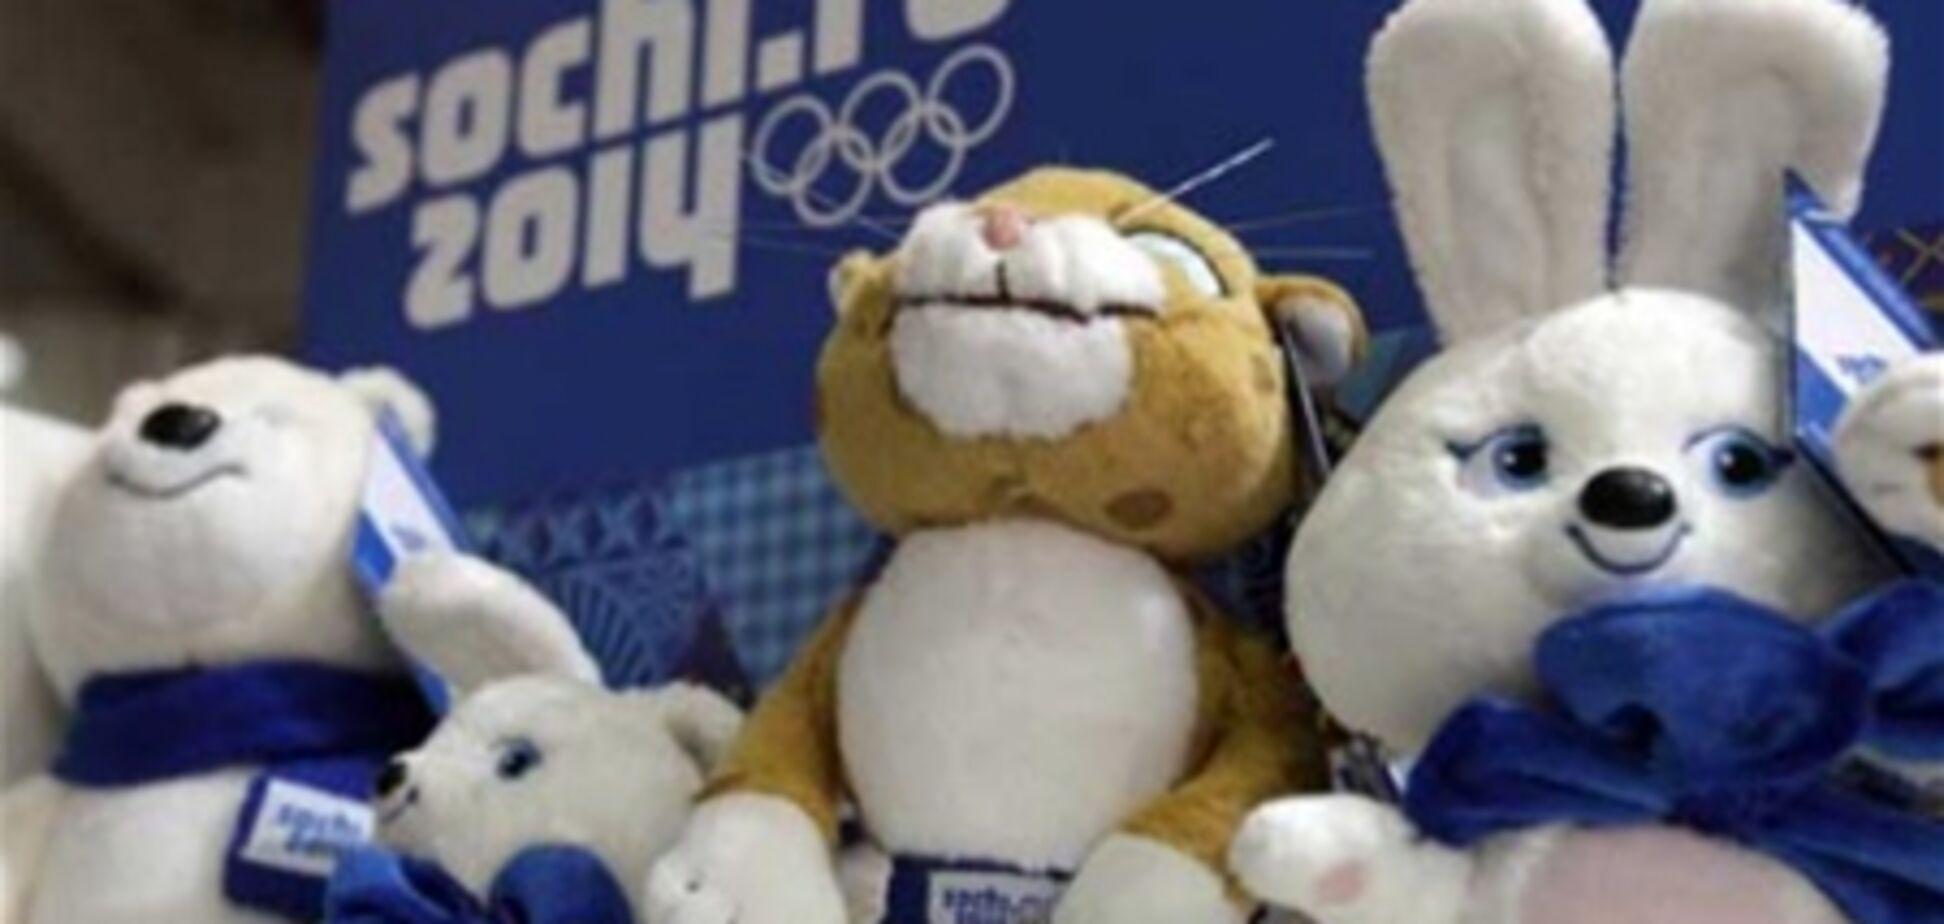 Девіз Олімпіади-2014 викликав бурхливу реакцію в Інтернеті